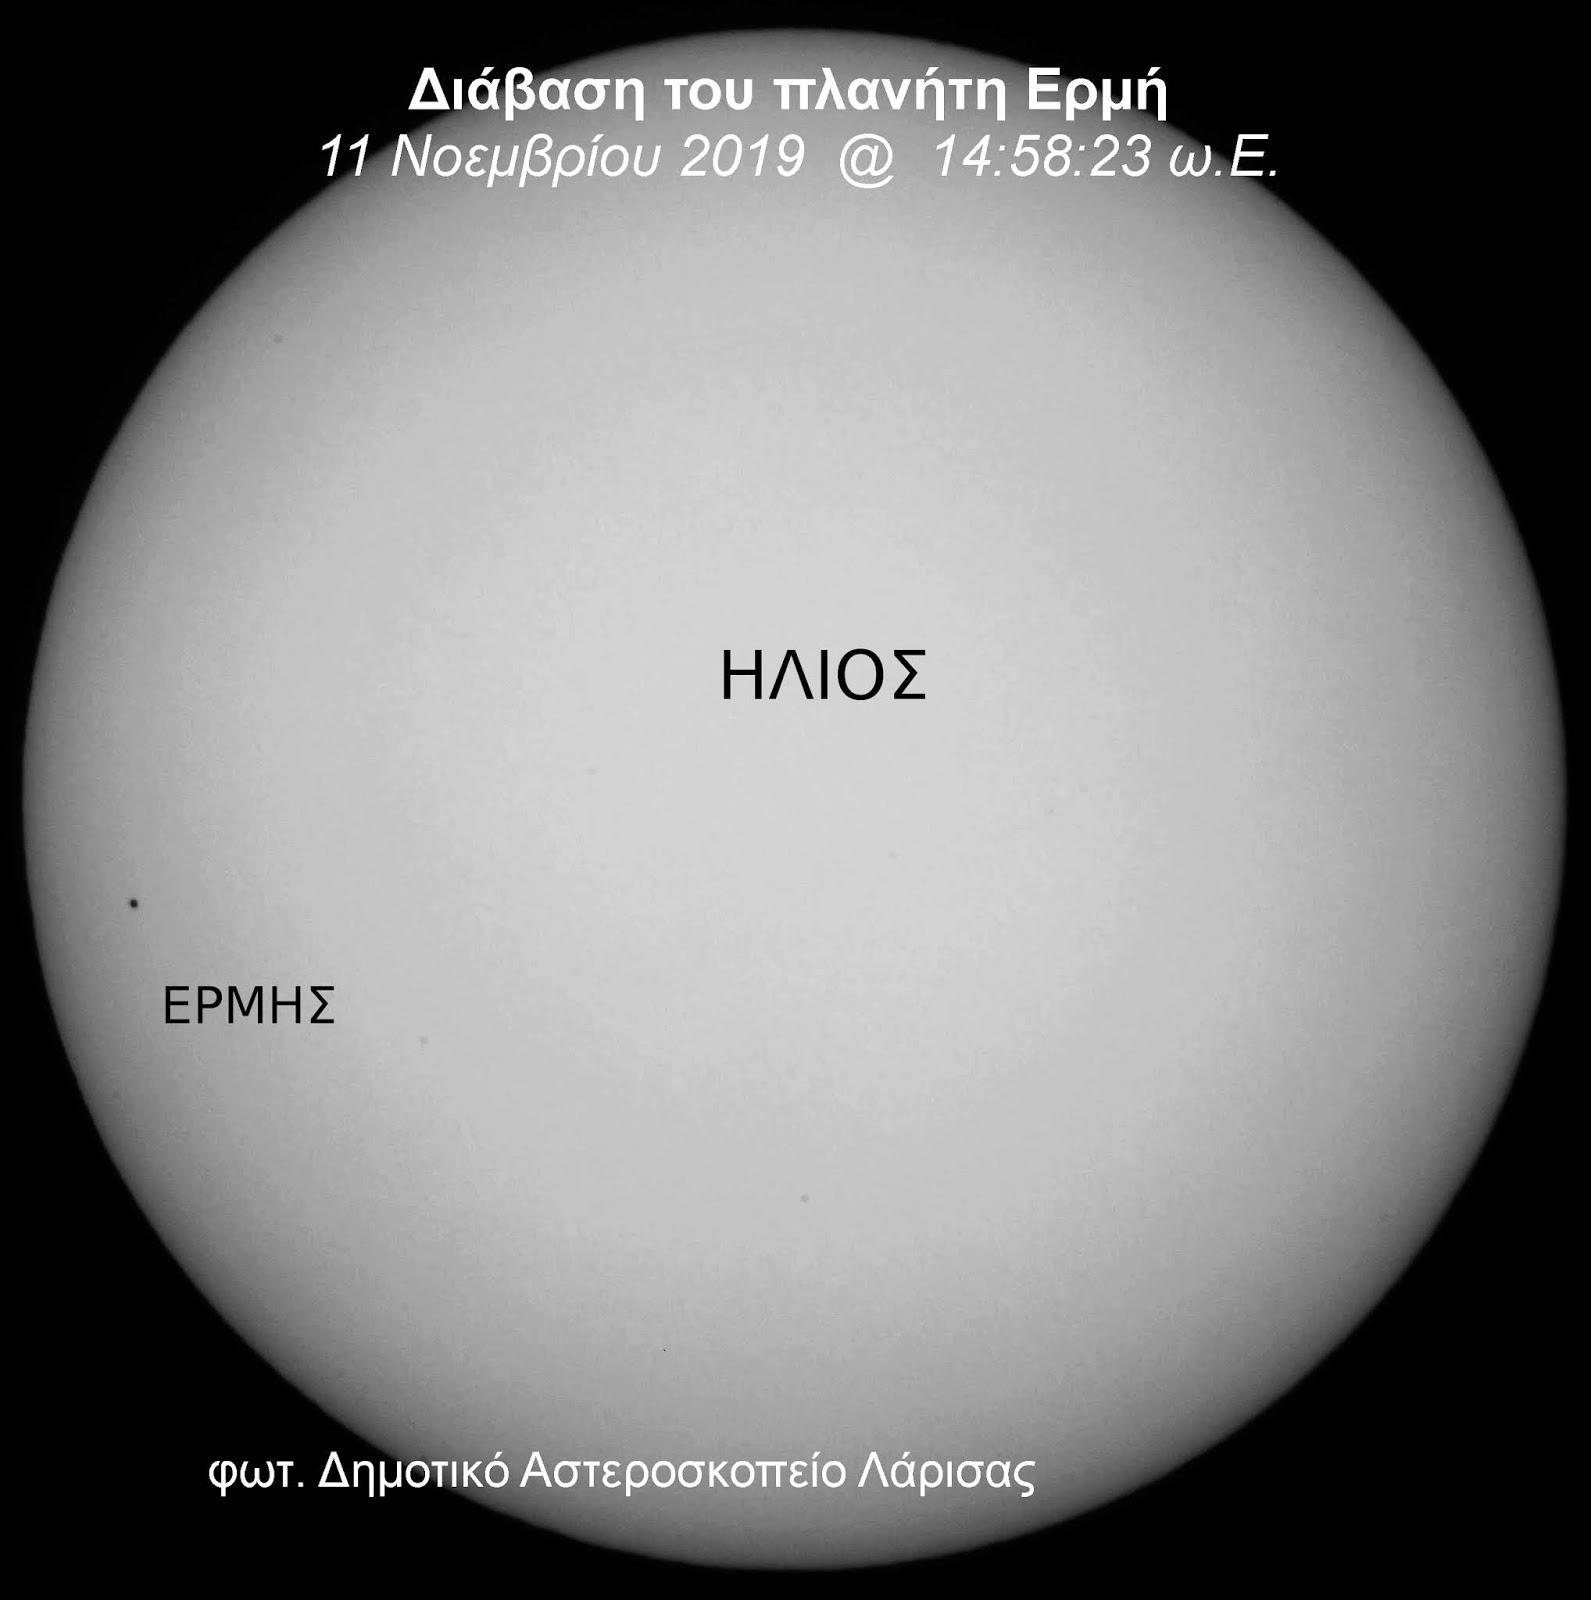 Παρατήρηση της διάβασης του πλανήτη Ερμή από το Δημοτικό Αστεροσκοπείο Λάρισας